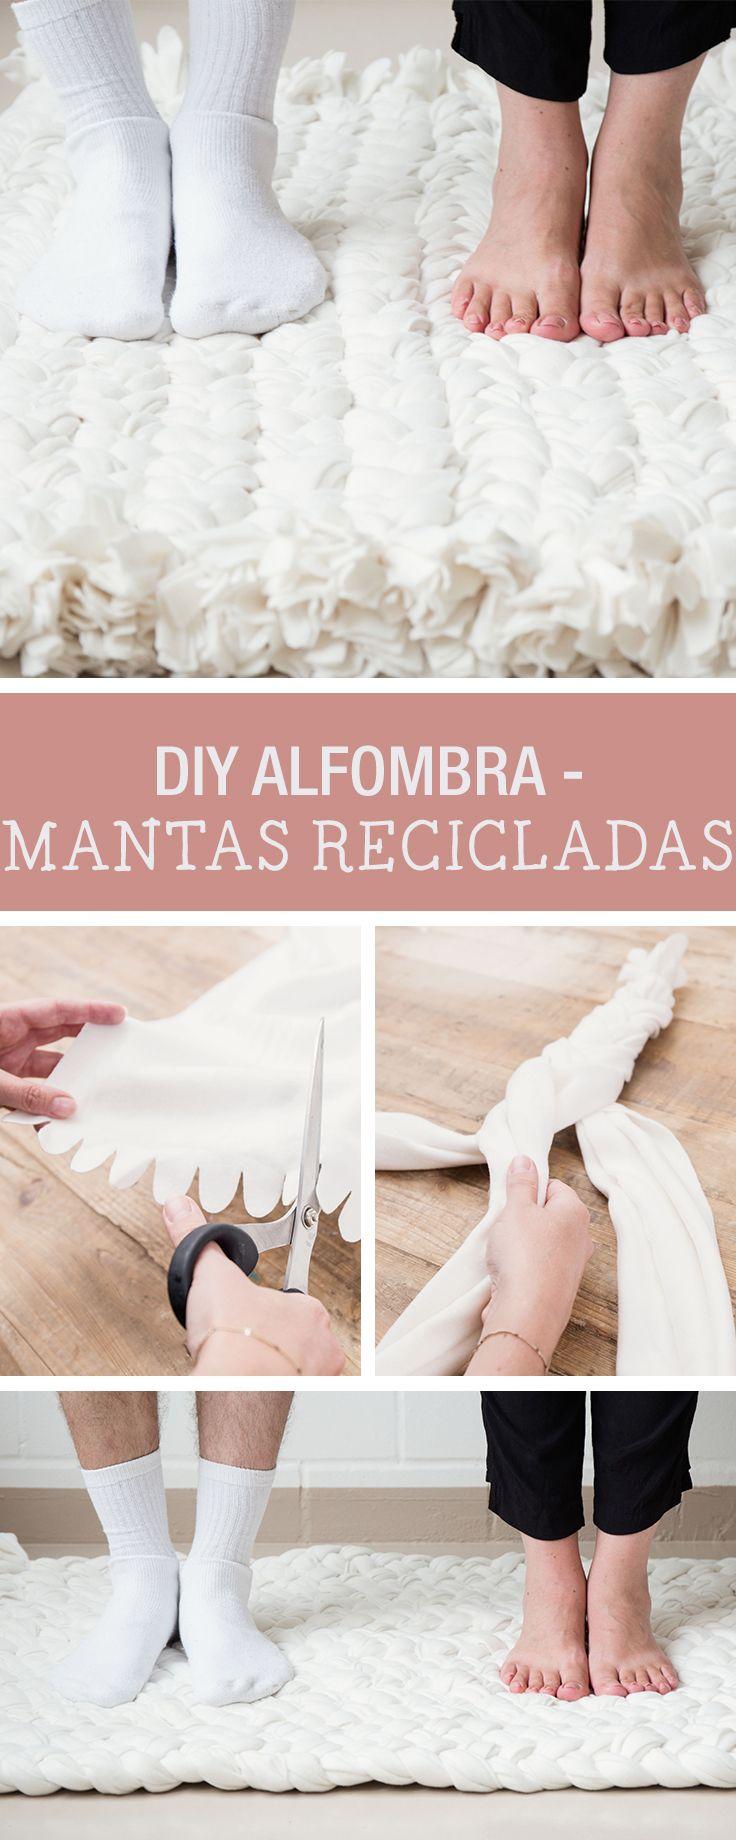 17 mejores ideas sobre alfombra trenzada en pinterest for Como hacer alfombras a mano